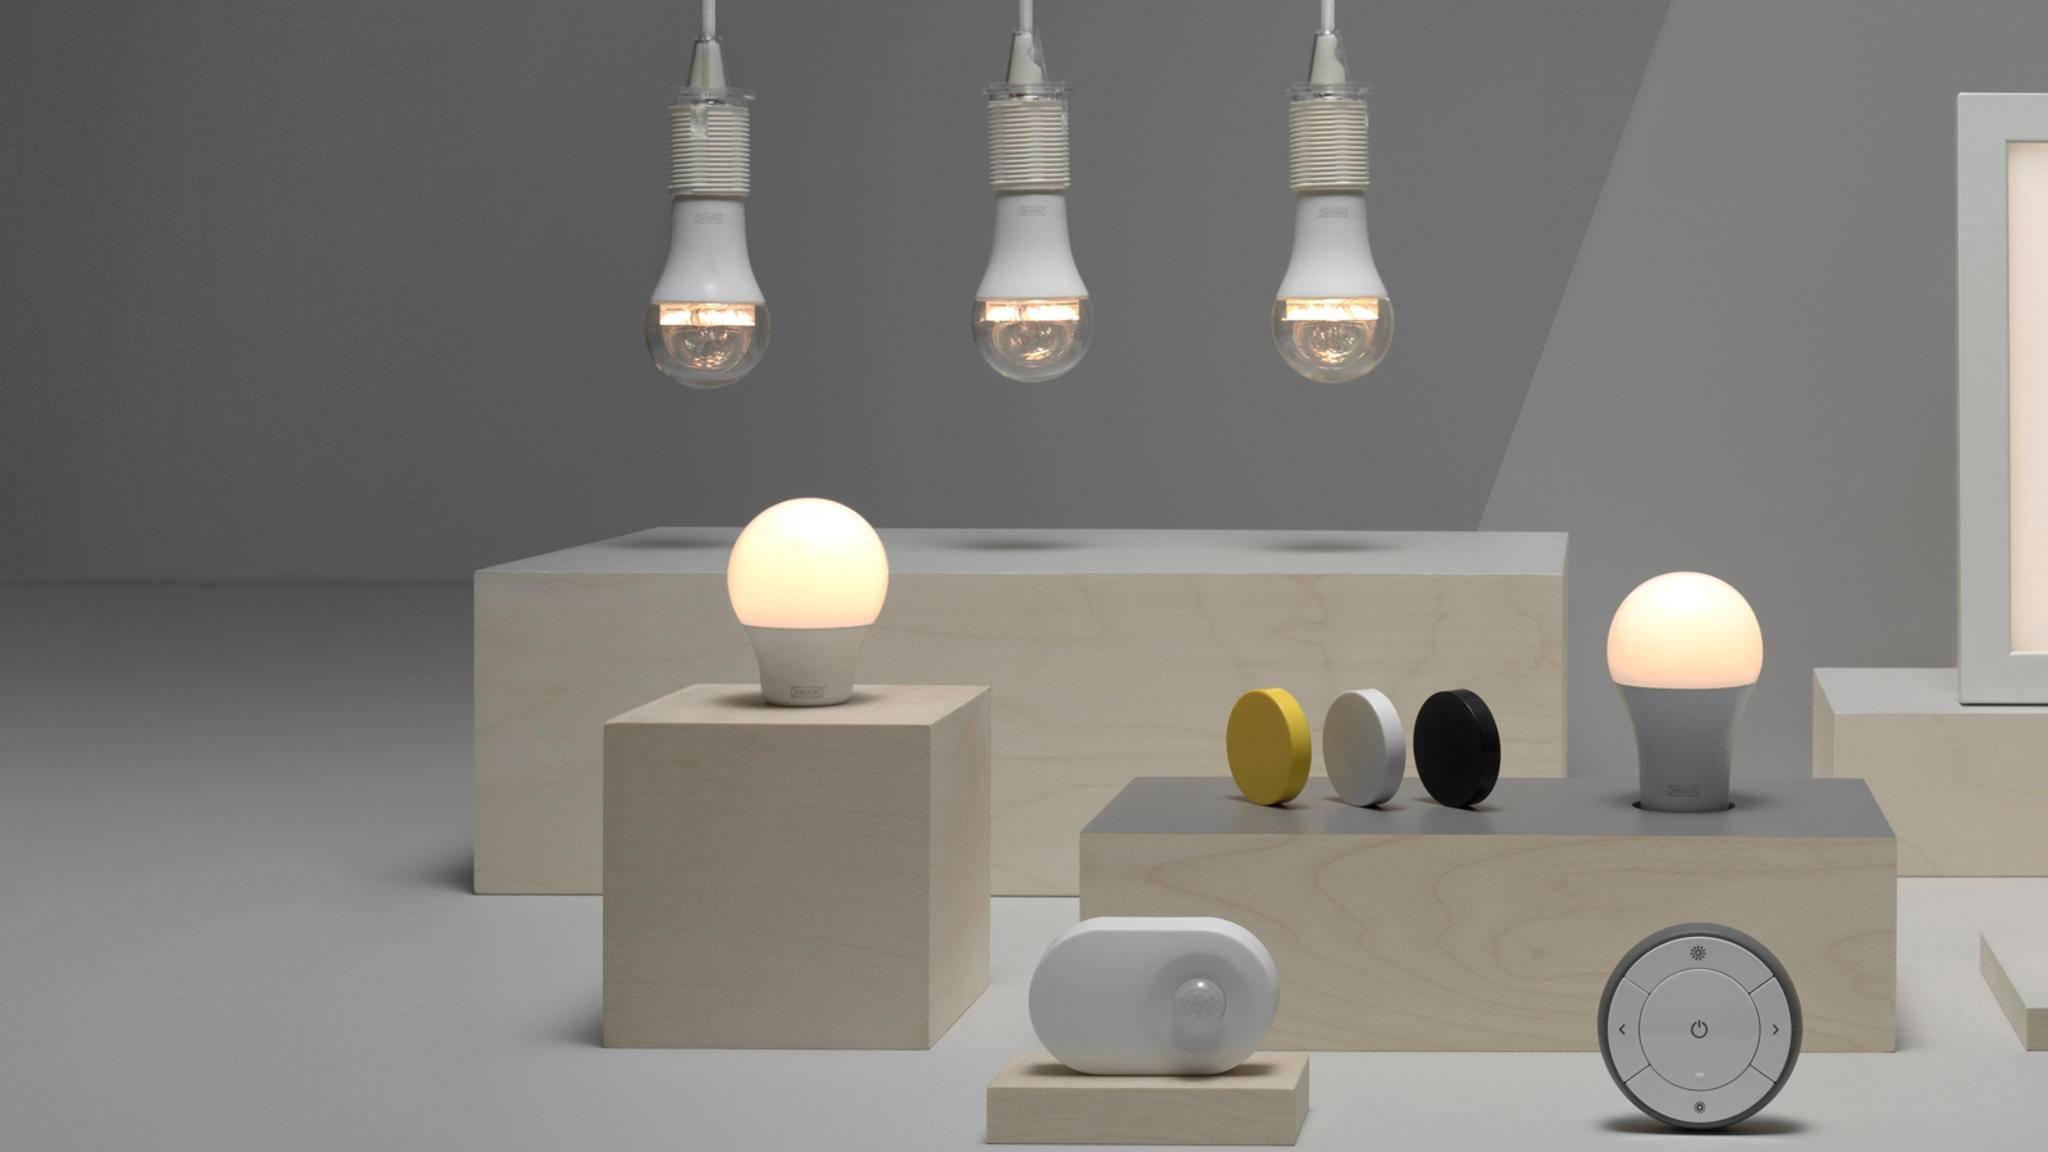 Ikea Trådfri kann nun auch über Google Home gesteuert werden.